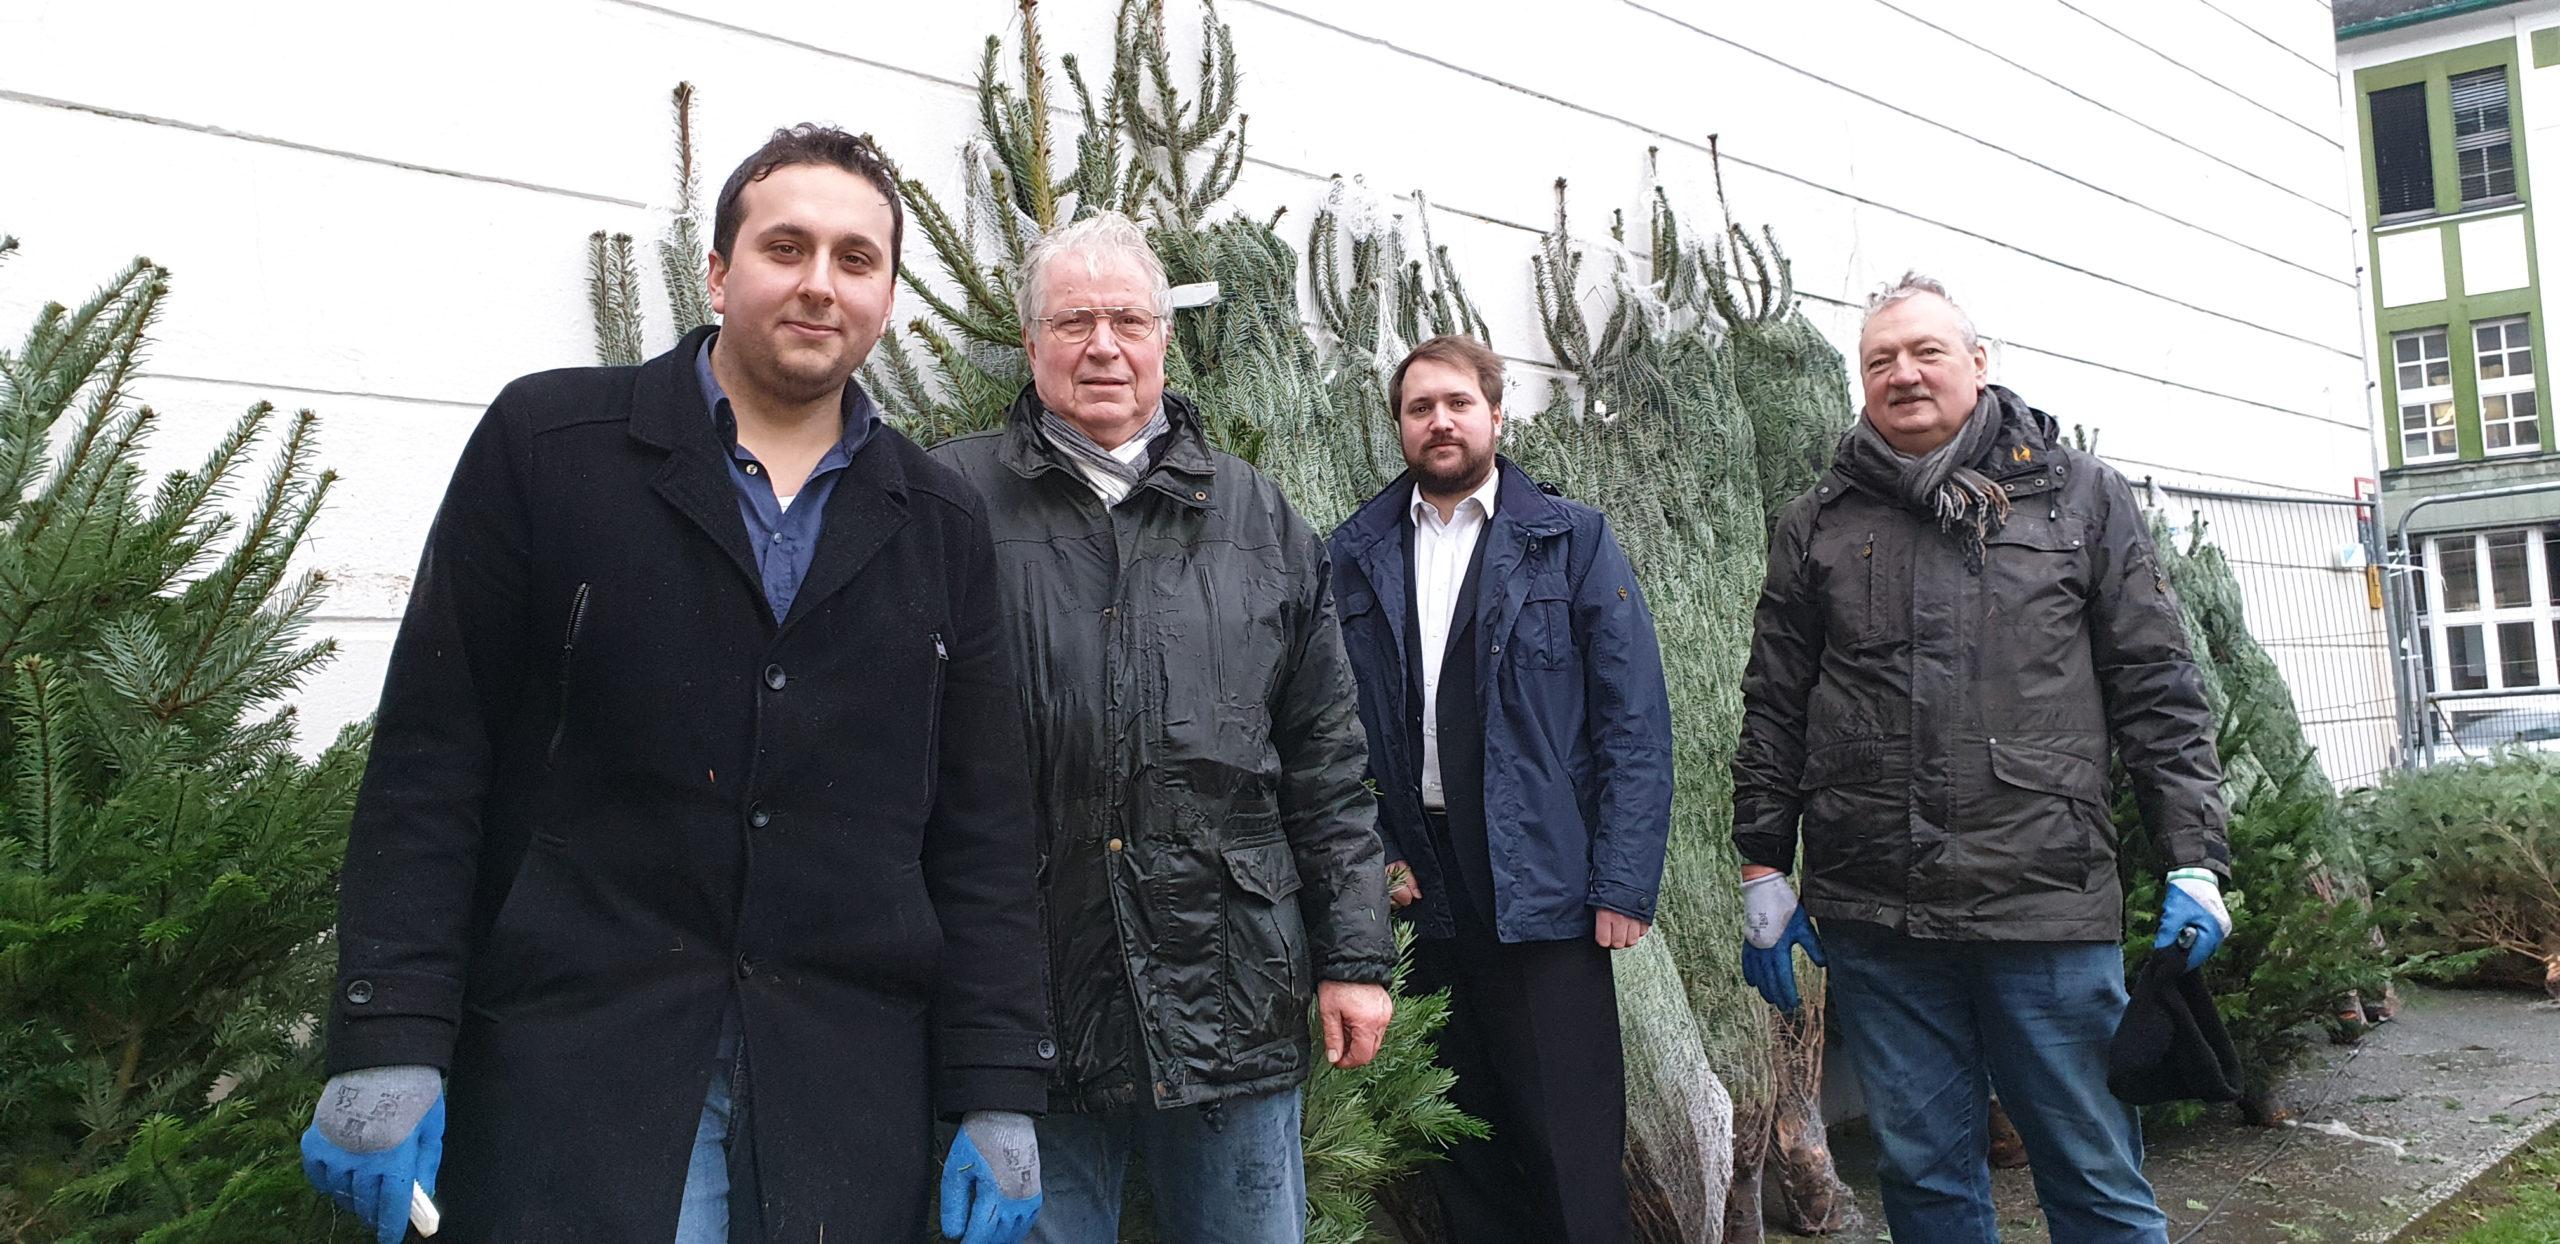 Das Team der SPD Remscheid ist bereit und hofft auf viele Verkäufe für den guten Zweck. Foto: Sascha von Gerishem